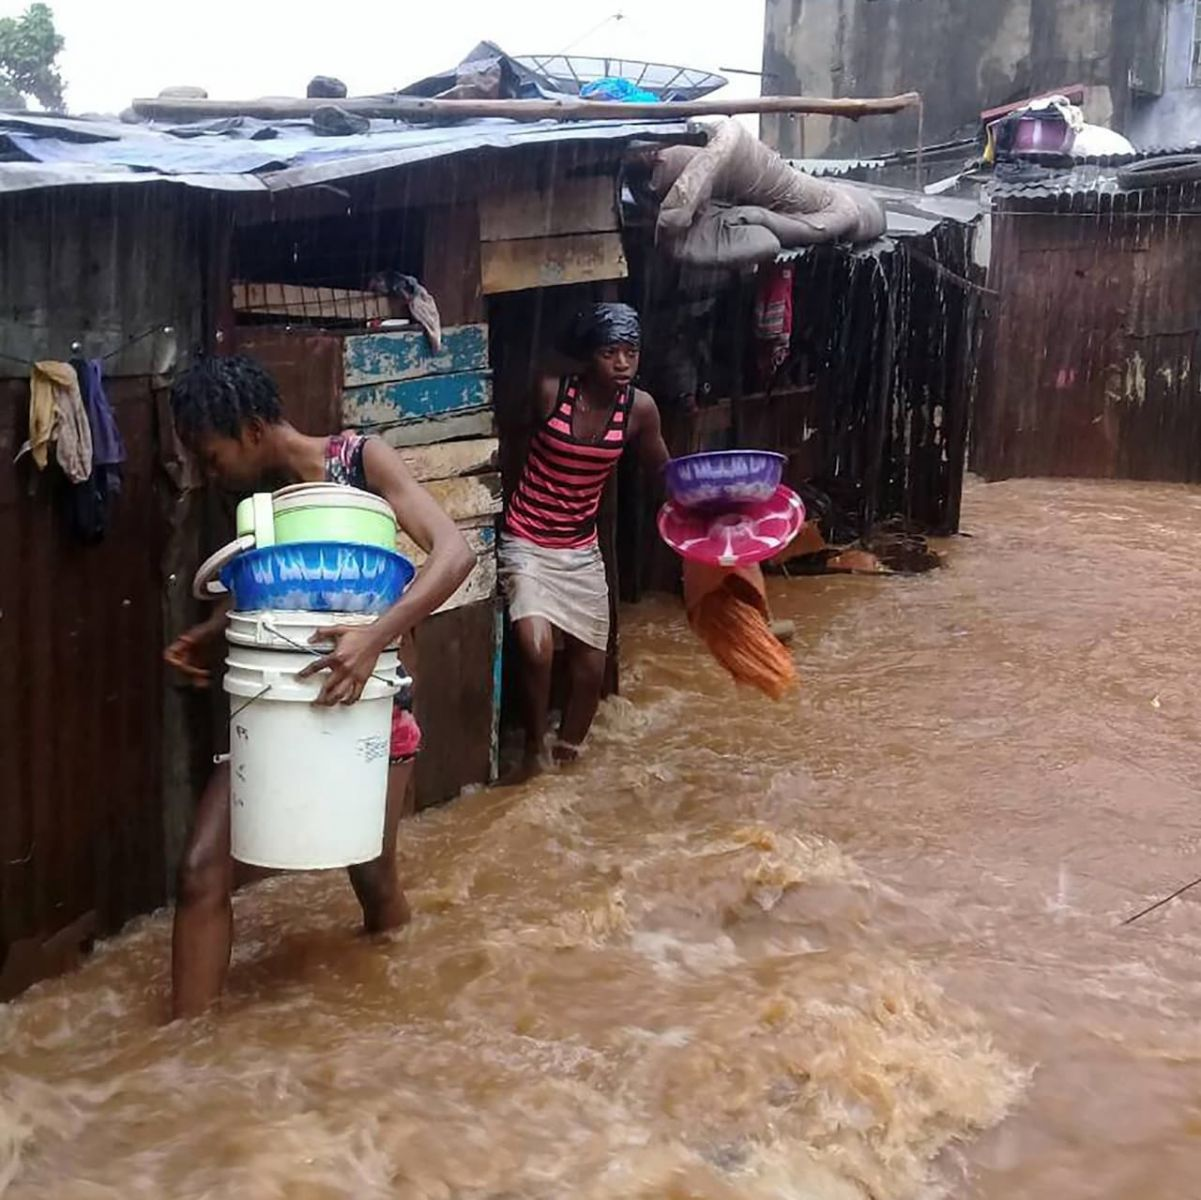 Несколько сотен человек погибли при сходе оползня вСьерра-Леоне